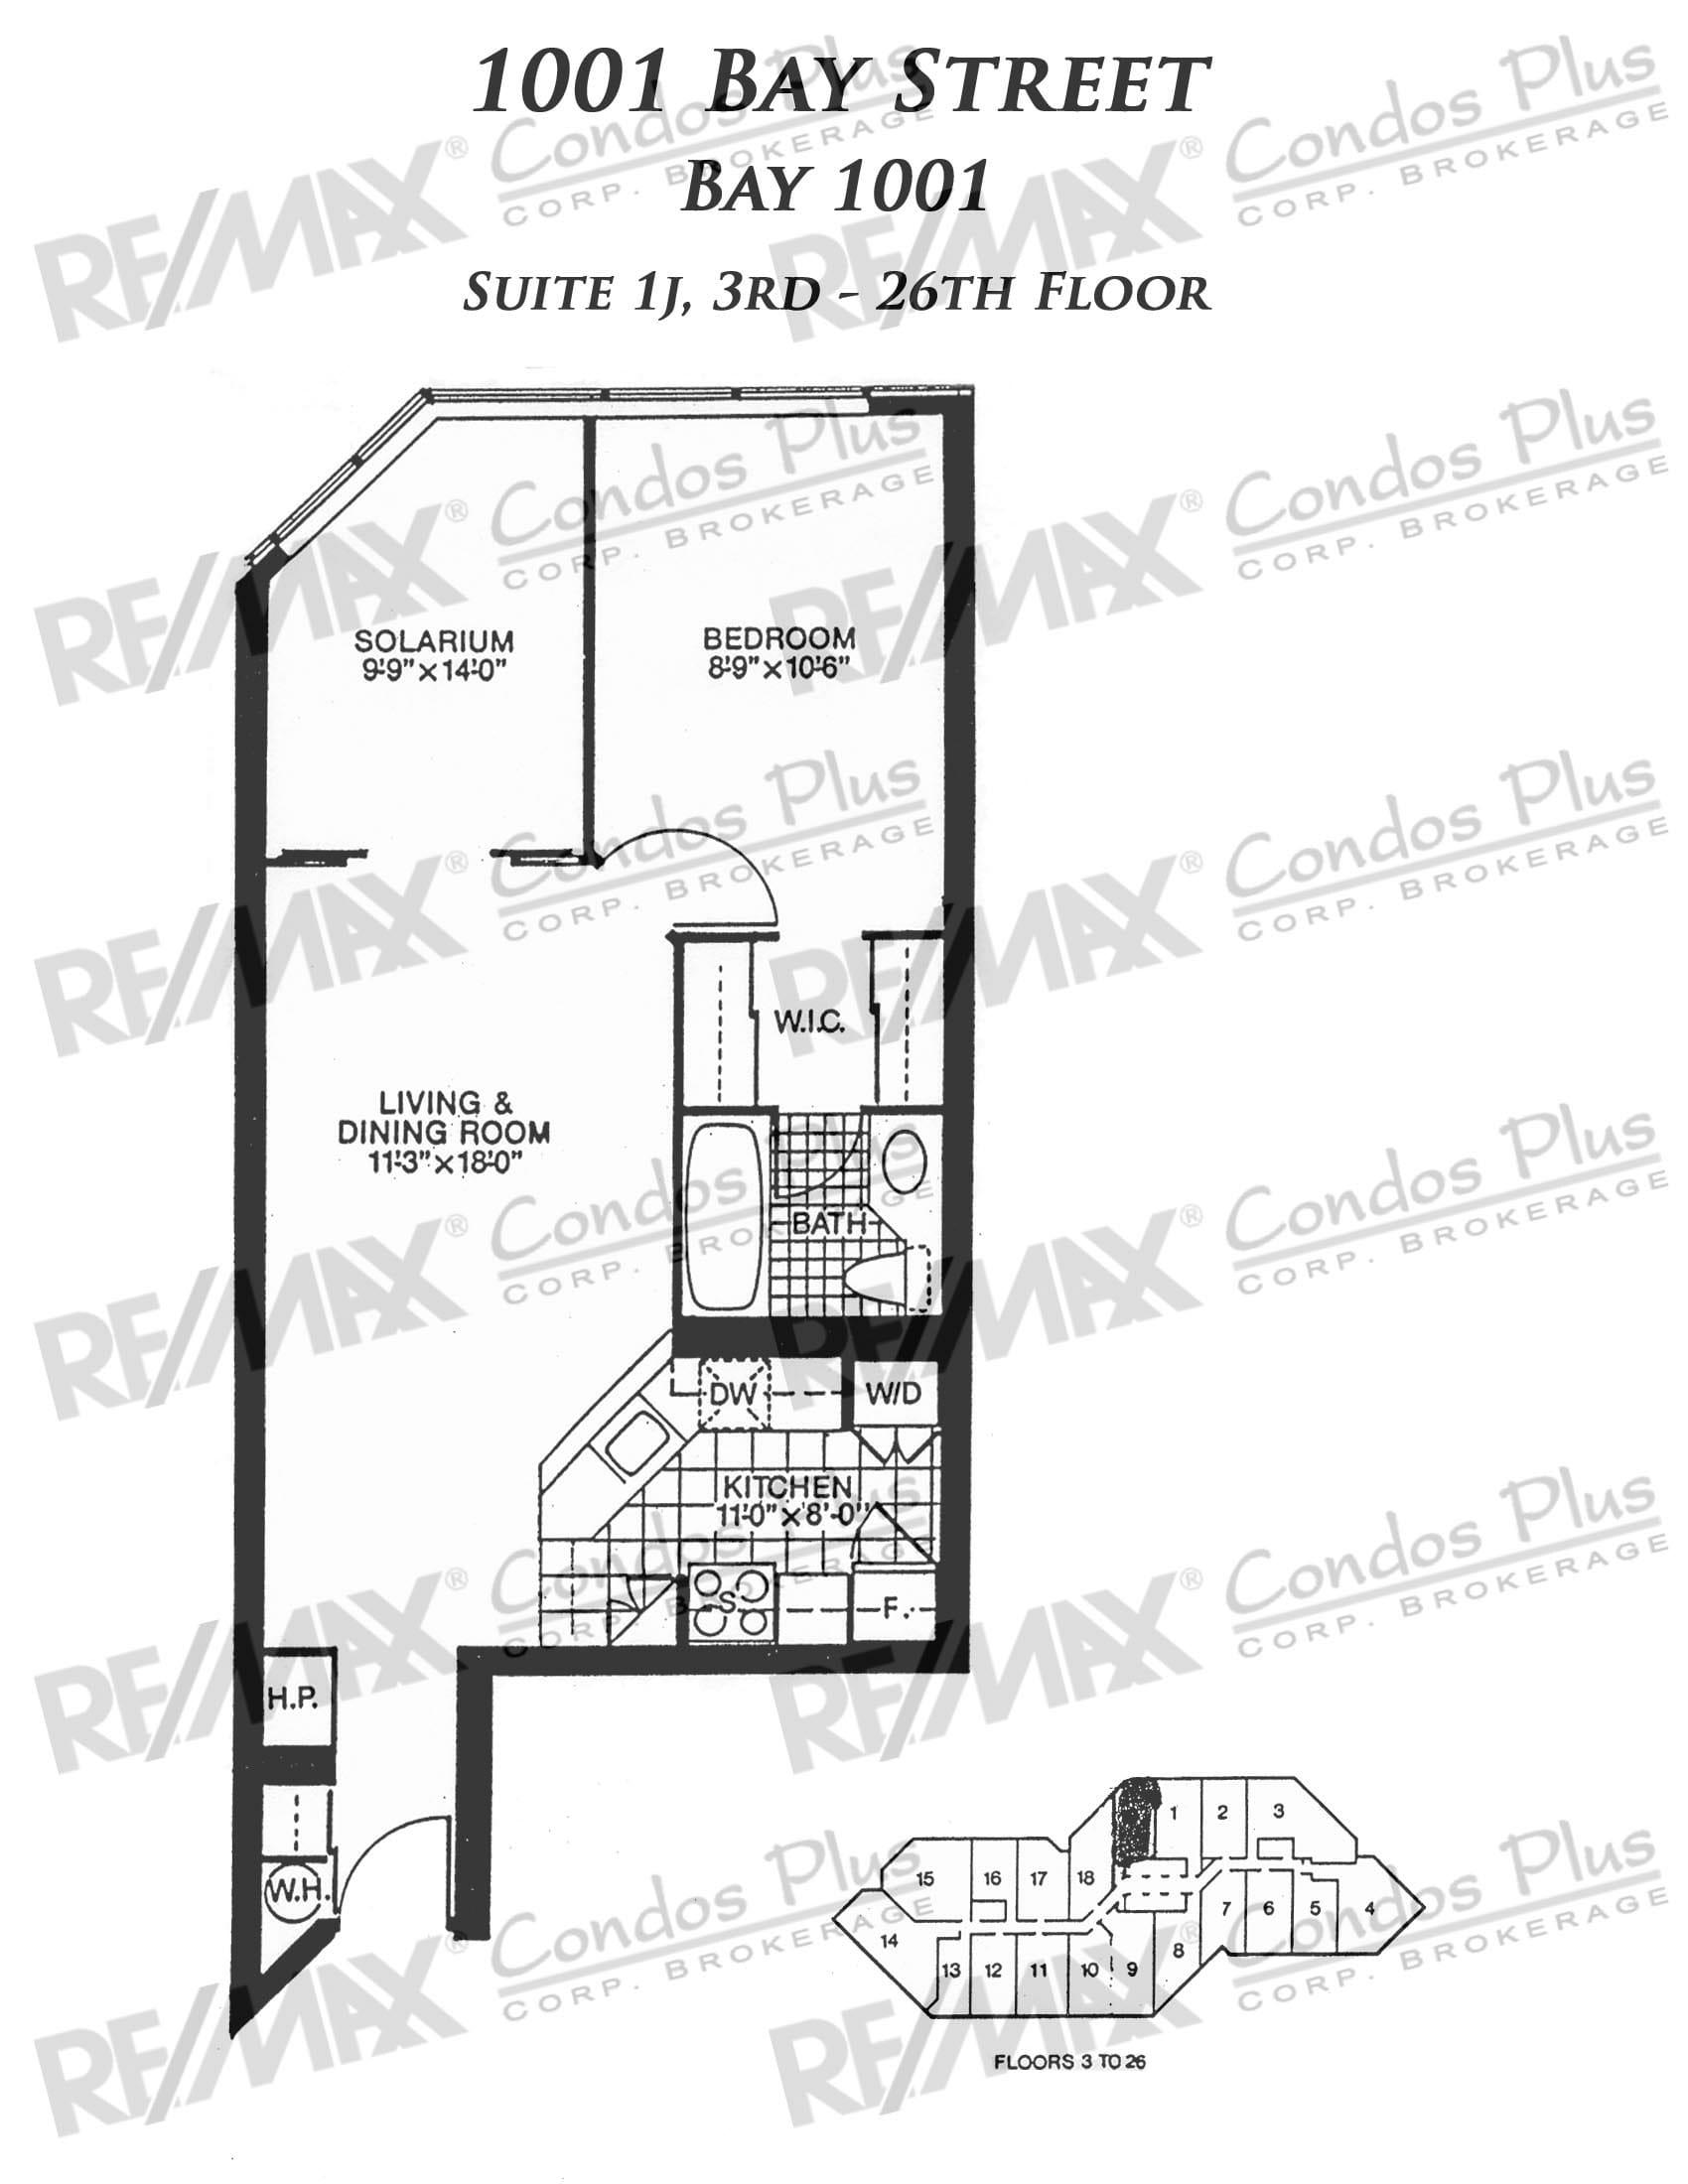 Suite1J-3rd26thFloor